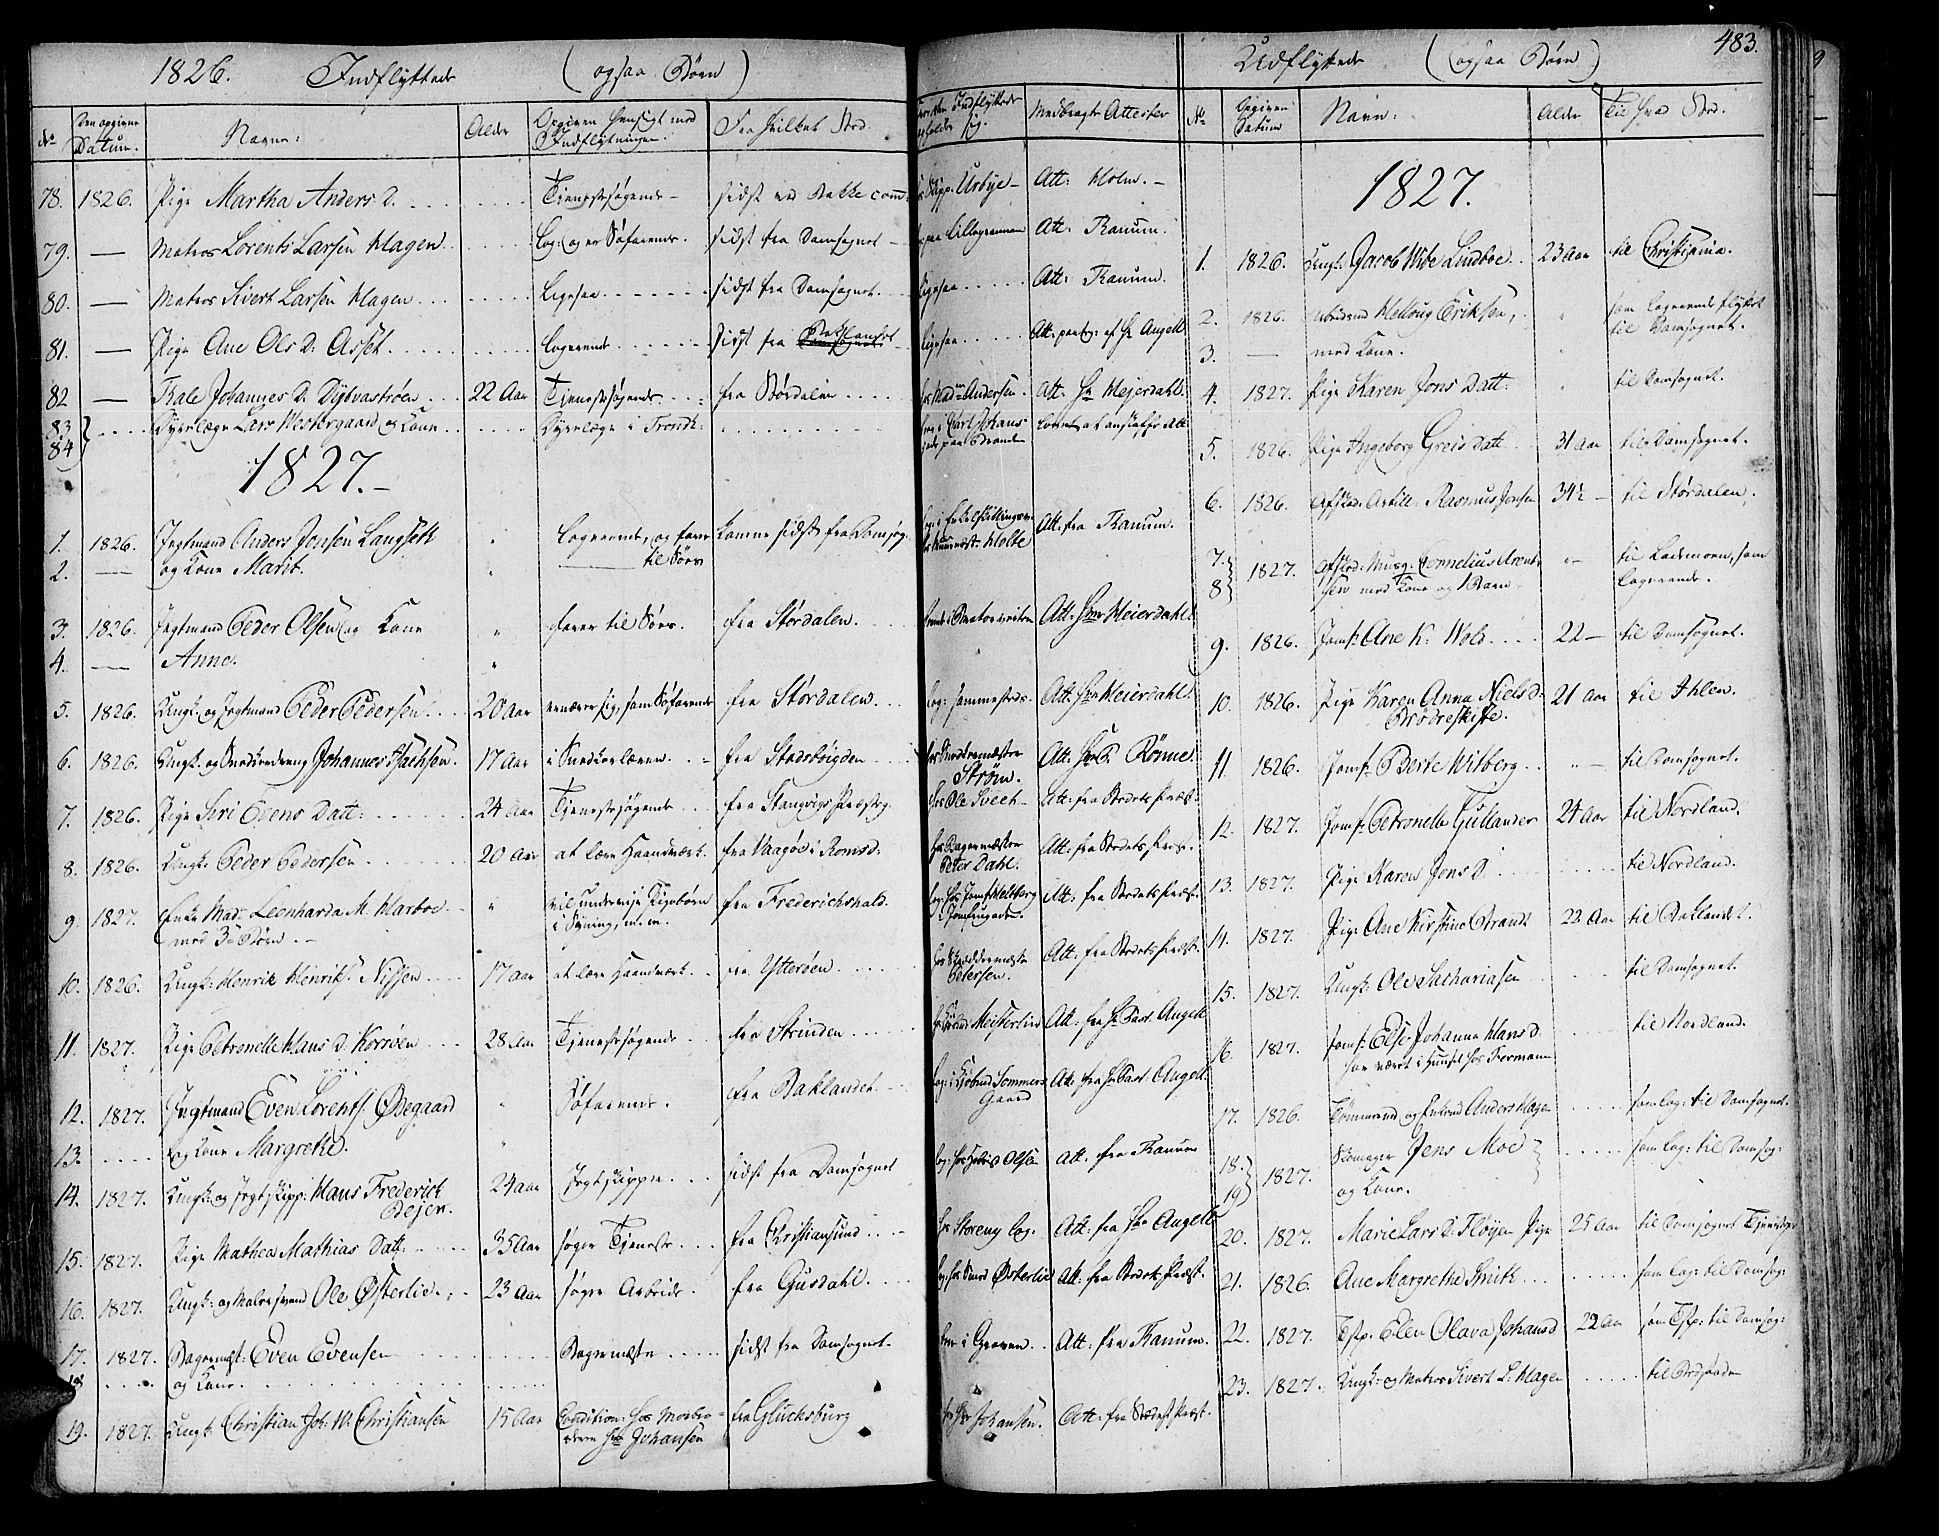 SAT, Ministerialprotokoller, klokkerbøker og fødselsregistre - Sør-Trøndelag, 602/L0109: Ministerialbok nr. 602A07, 1821-1840, s. 483